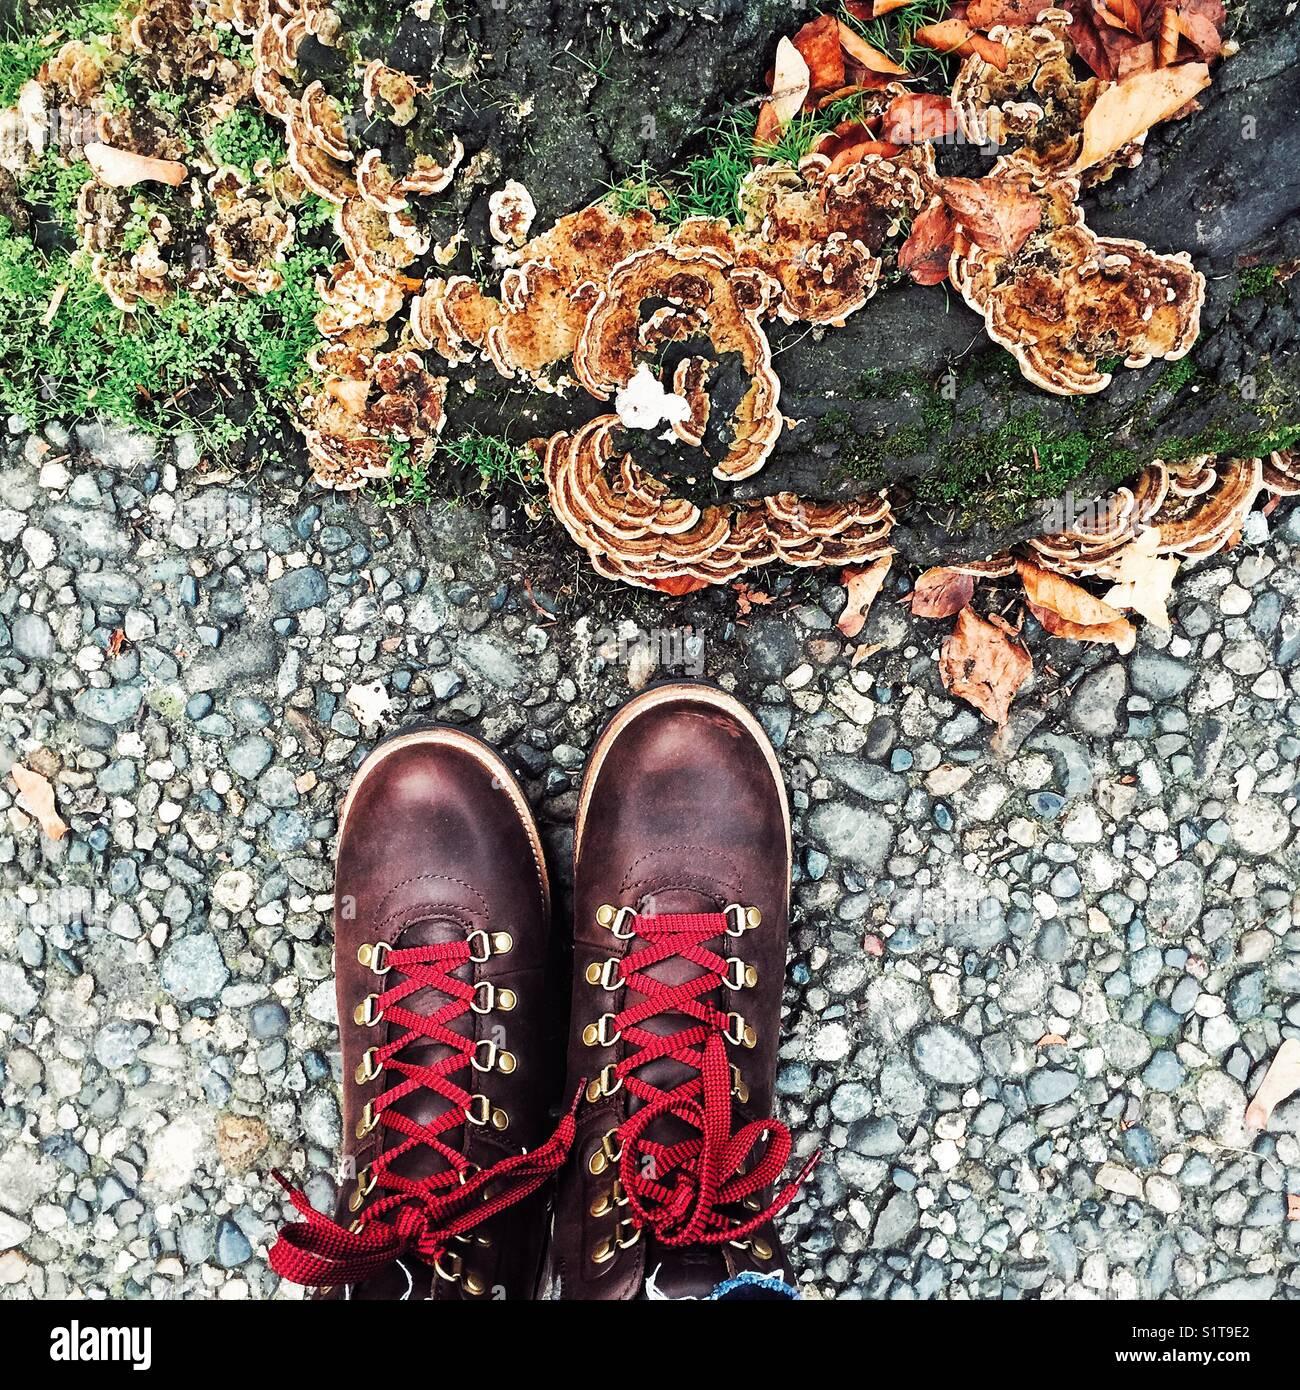 Funghi crescono le radici di un albero e scarpe da trekking con lacci rossi  davanti - segni di autunno 89cedd789f6